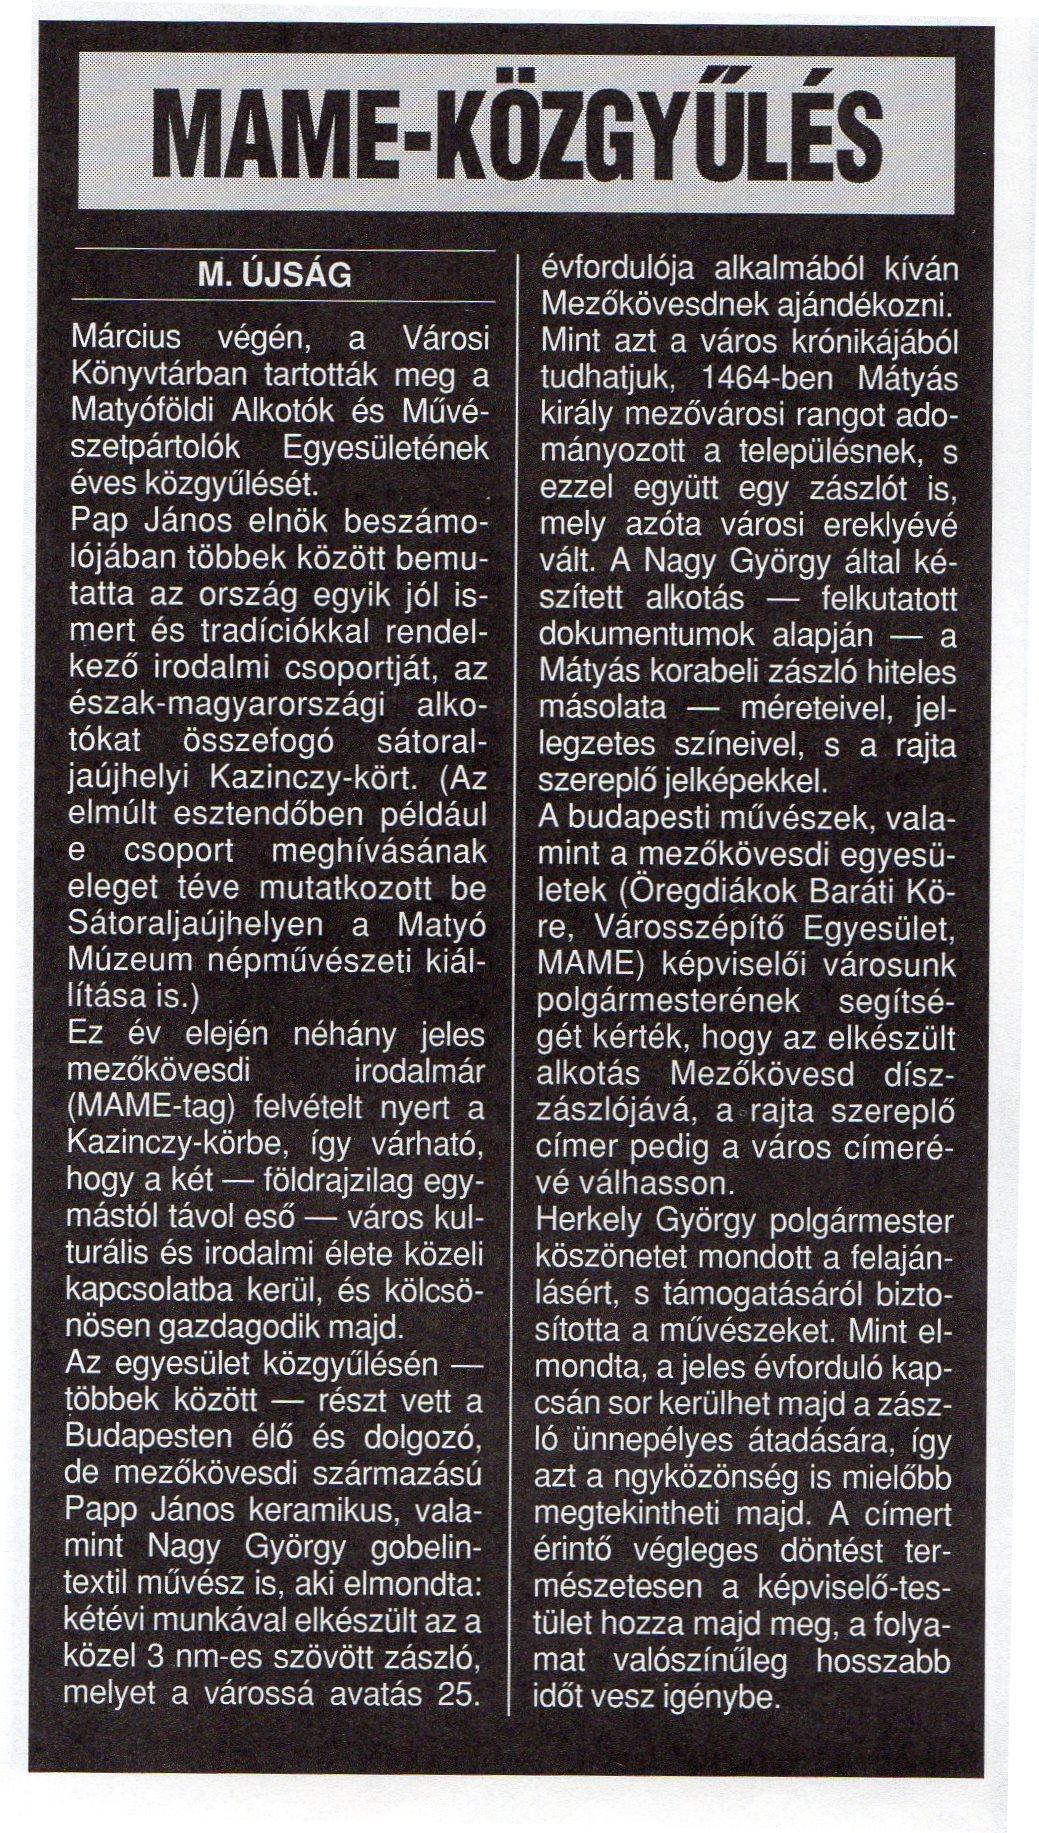 MAME közgyűlés 1998 április 15.